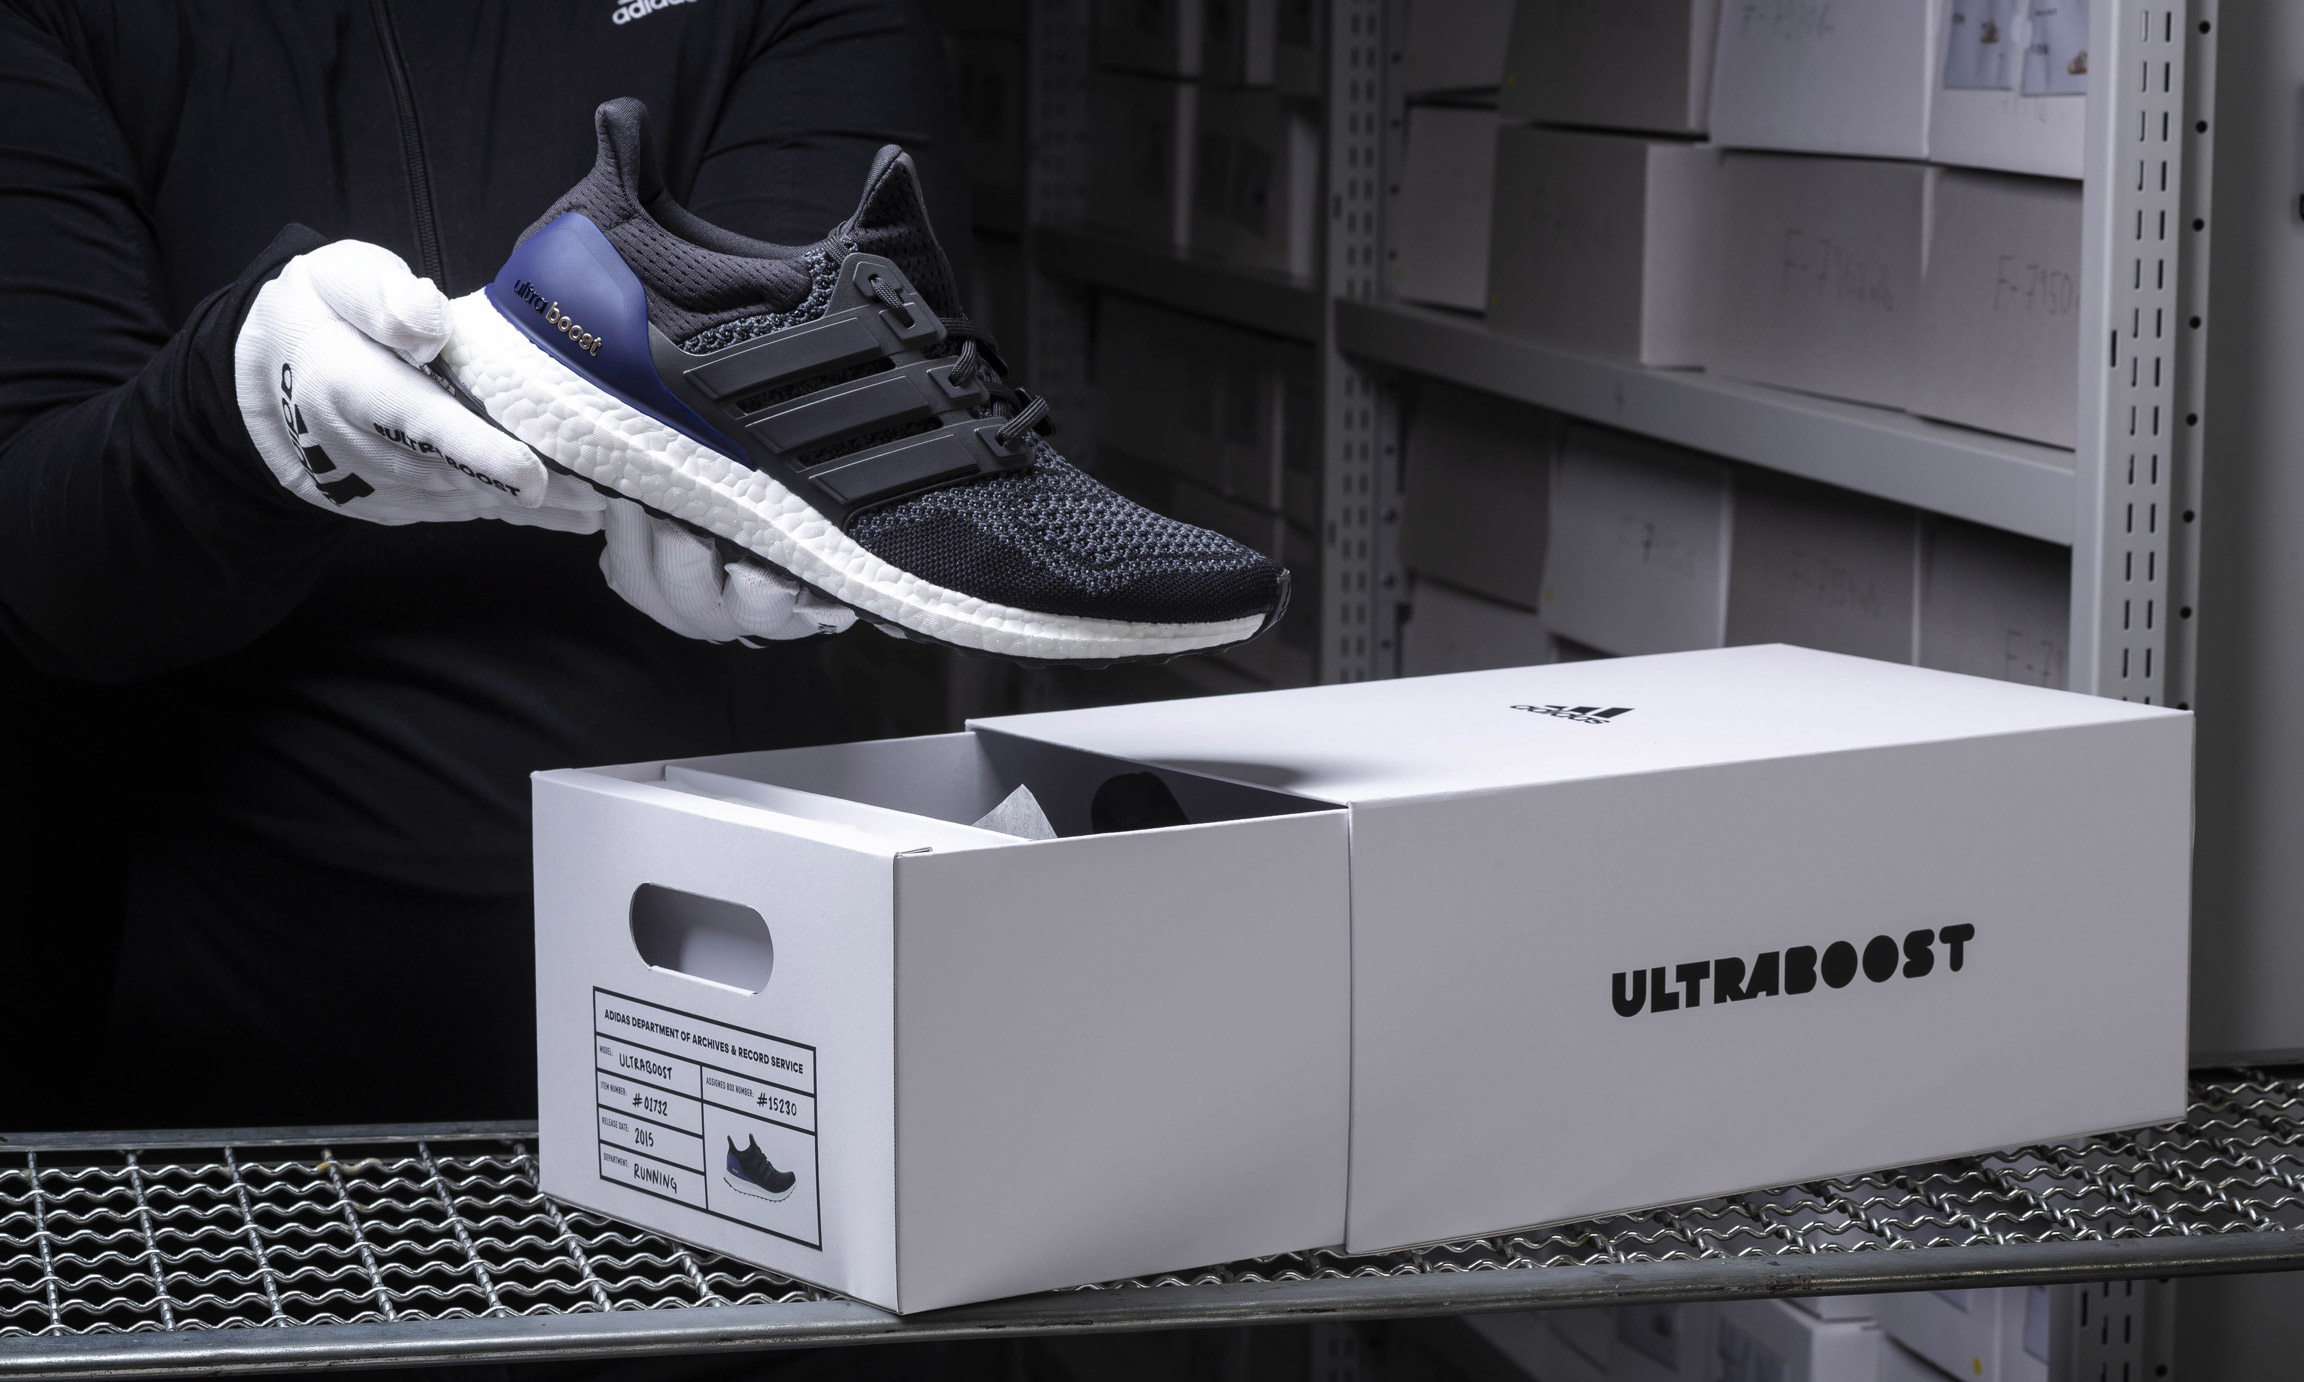 官方美图来啦!adidas 元年配色 UltraBOOST 即将登场